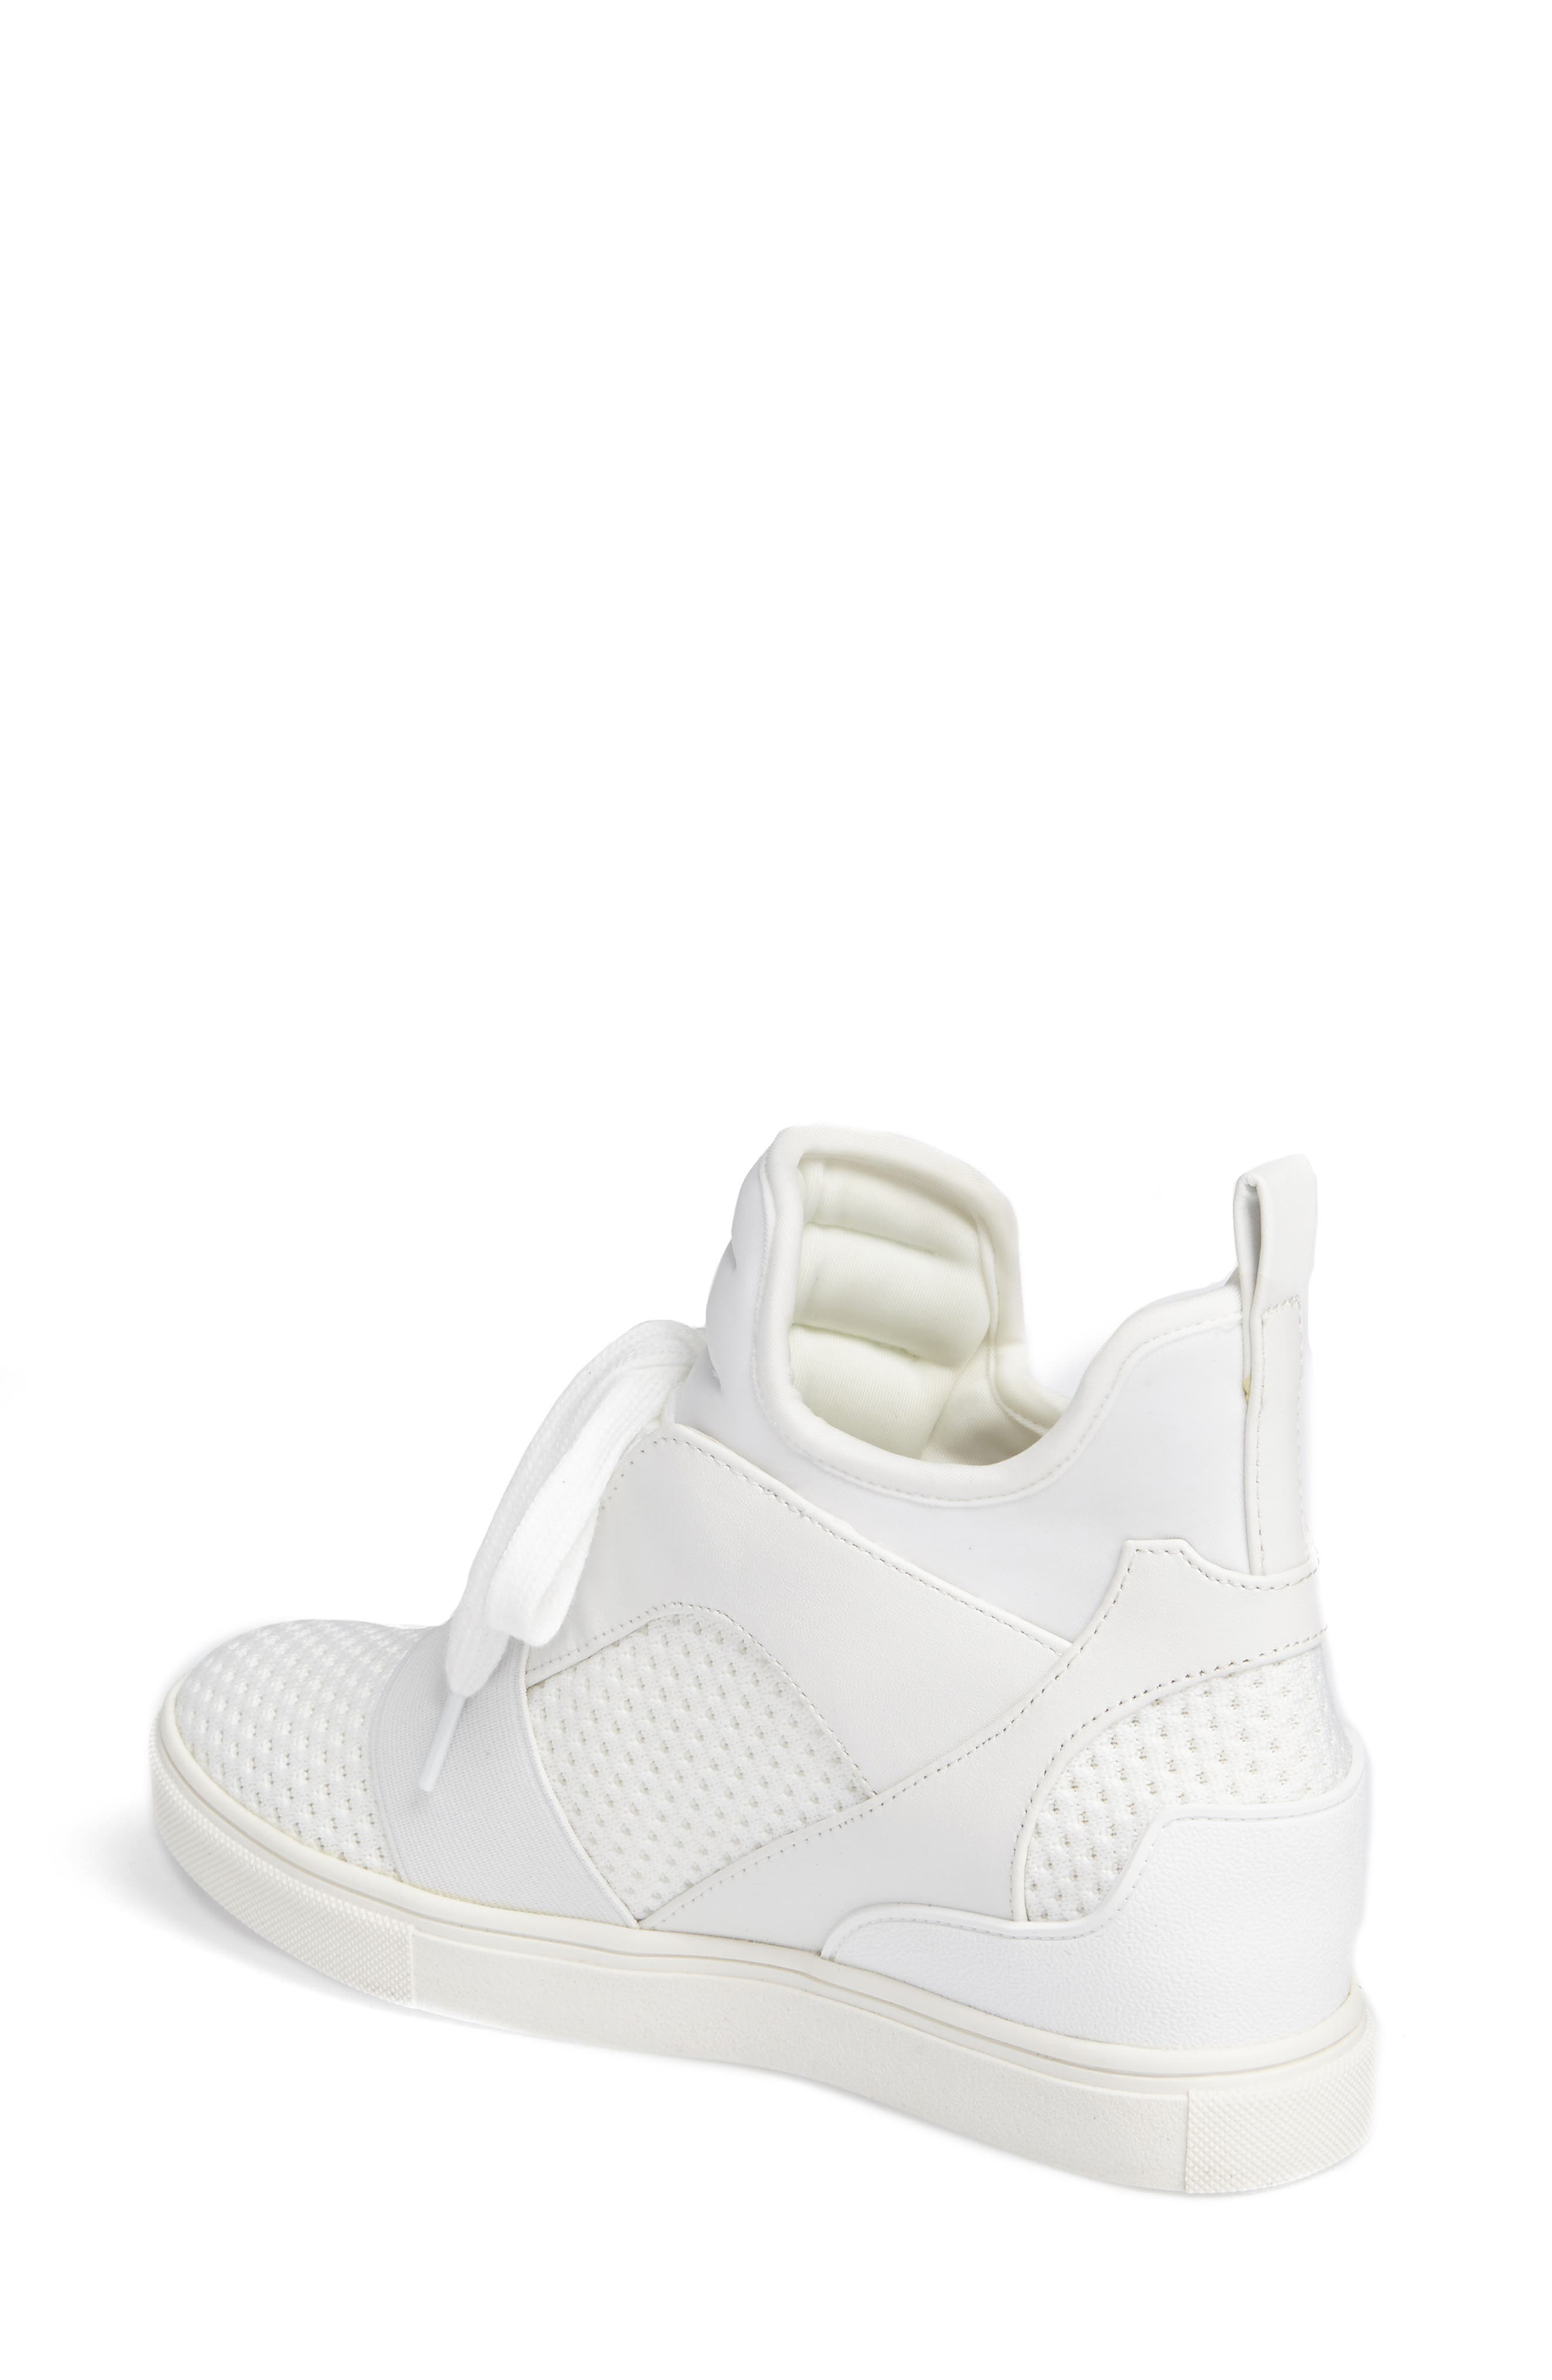 Lexie Wedge Sneaker,                             Alternate thumbnail 2, color,                             White